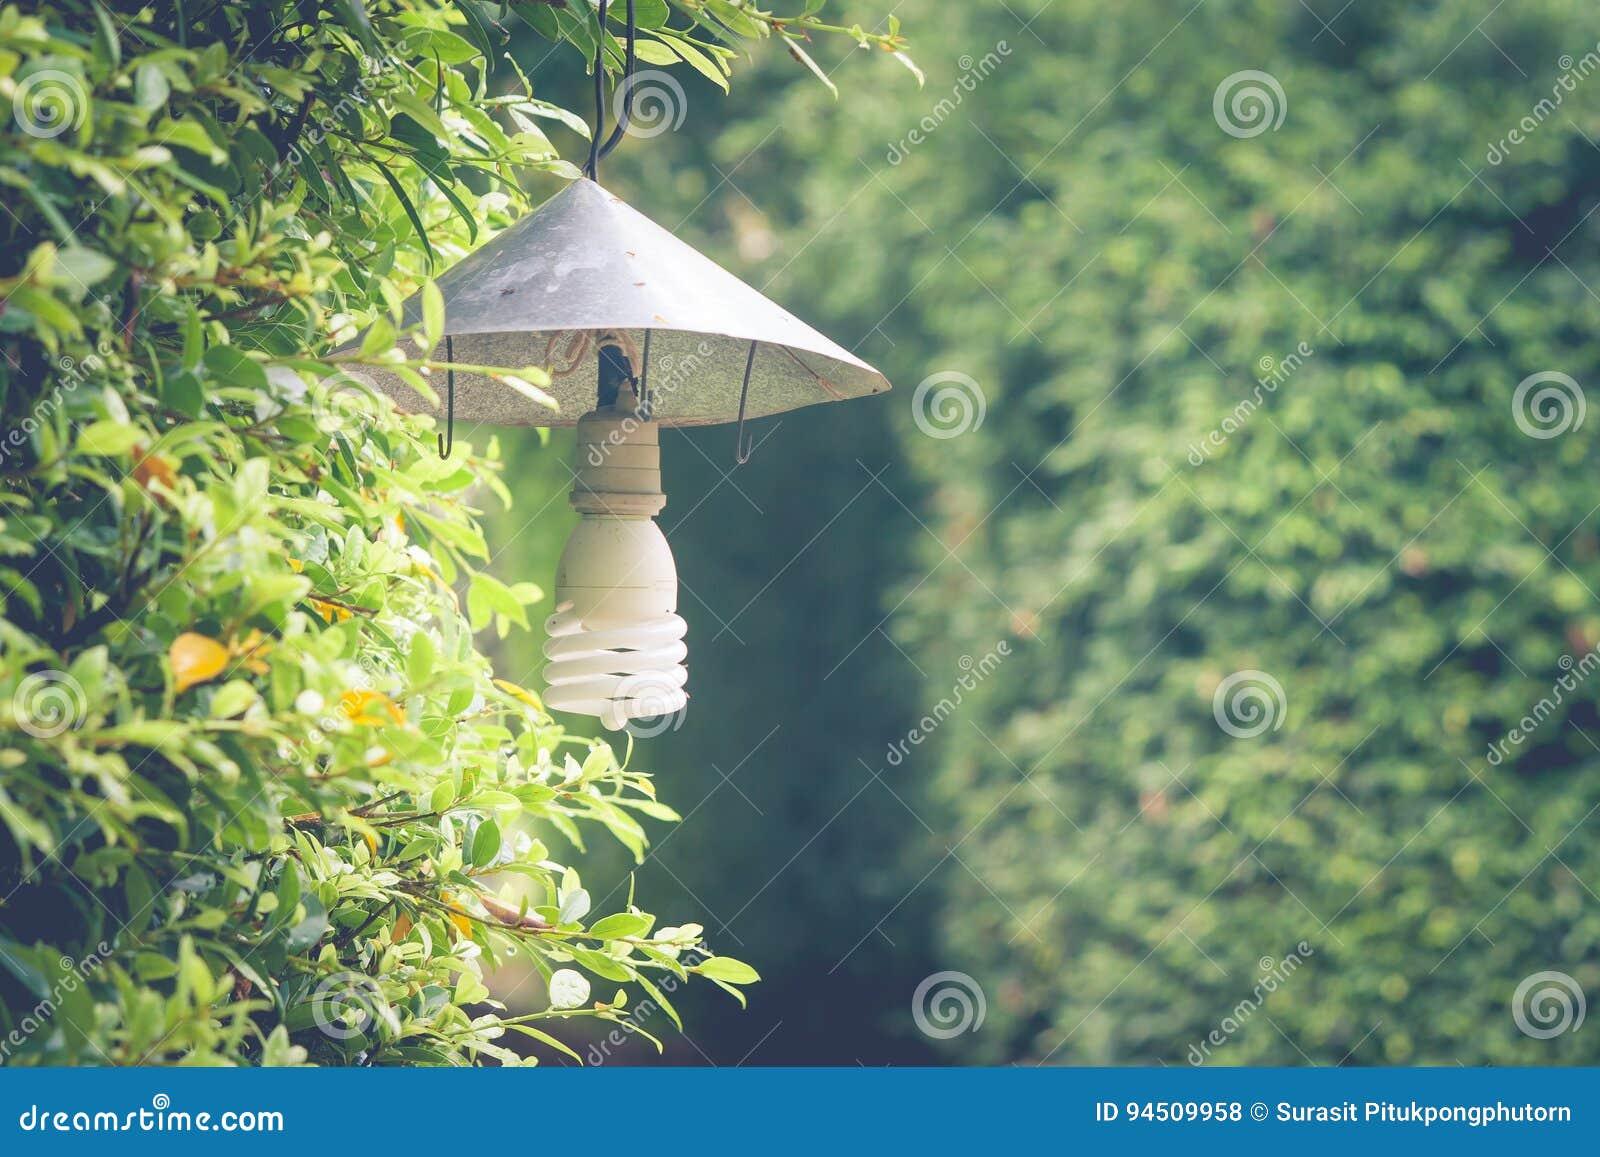 Lampade A Sospensione Allaperto : Lampada d annata che appende sugli alberi verdi al giardino all